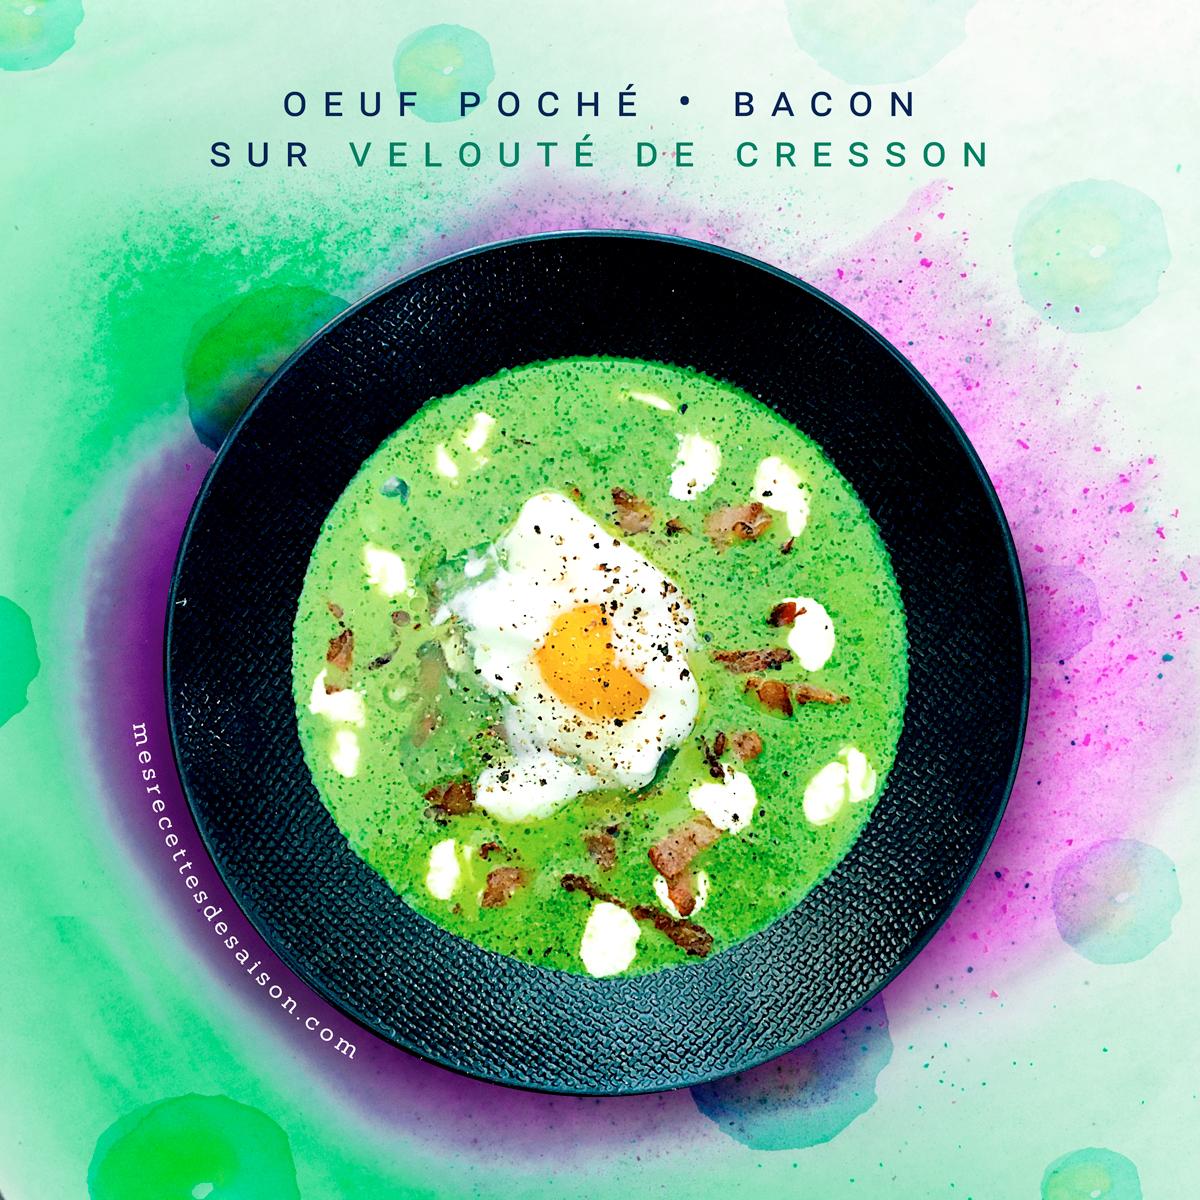 Oeuf poché / Bacon sur Velouté de Cresson